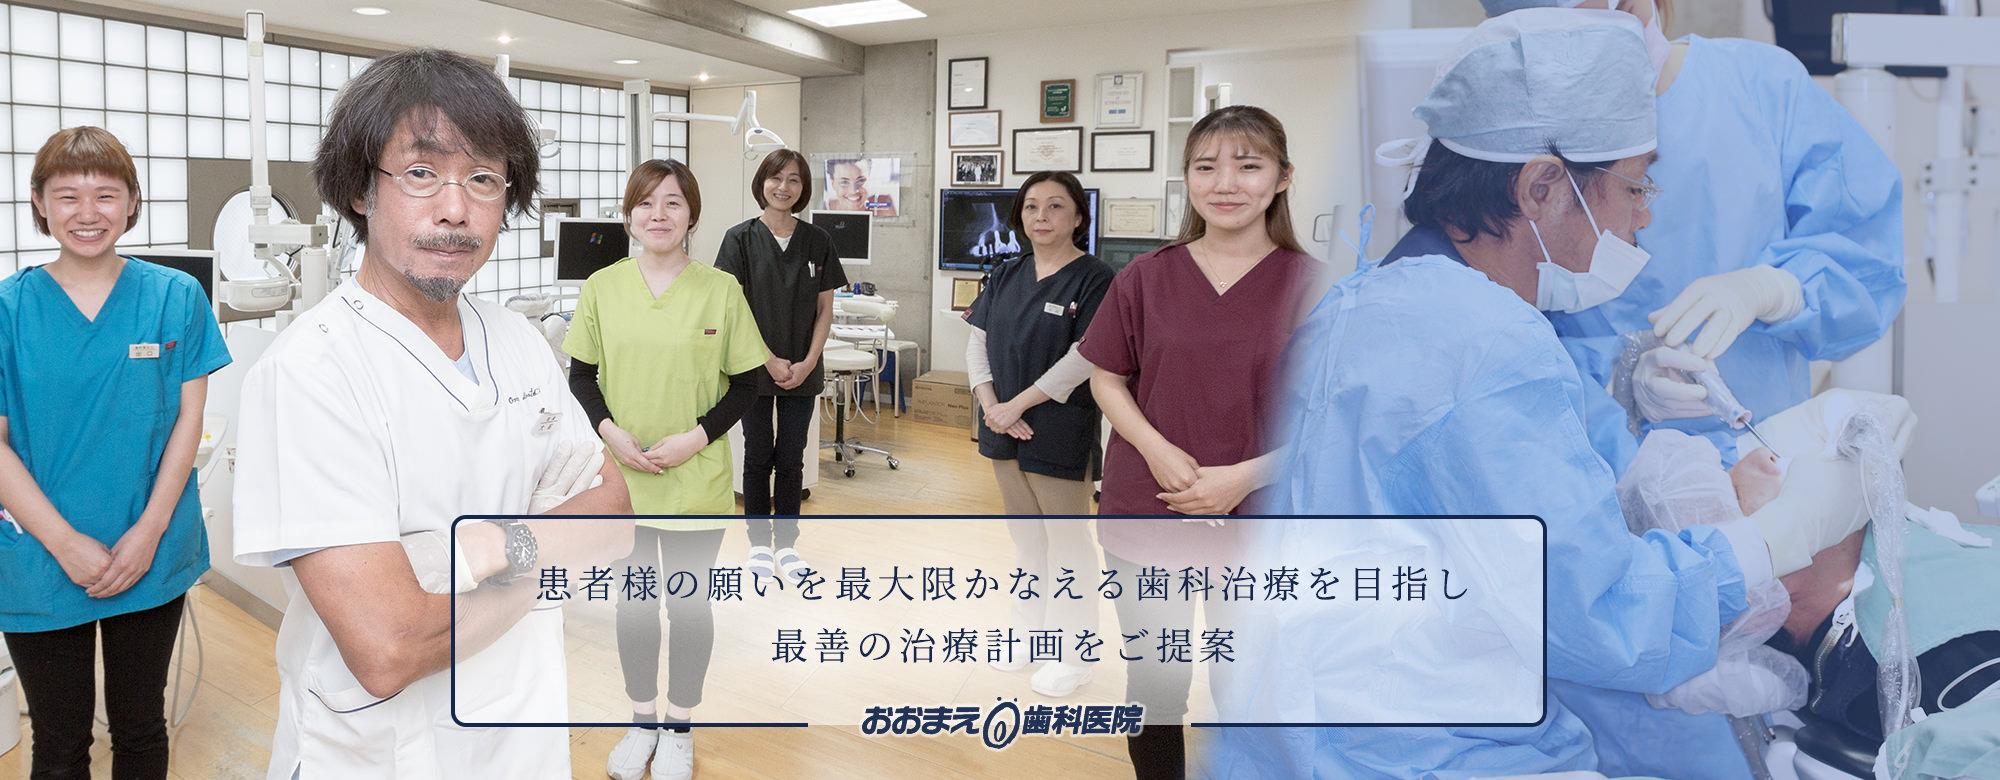 患者様の願いを最大限かなえる歯科治療を目指し最善の治療計画をご提案